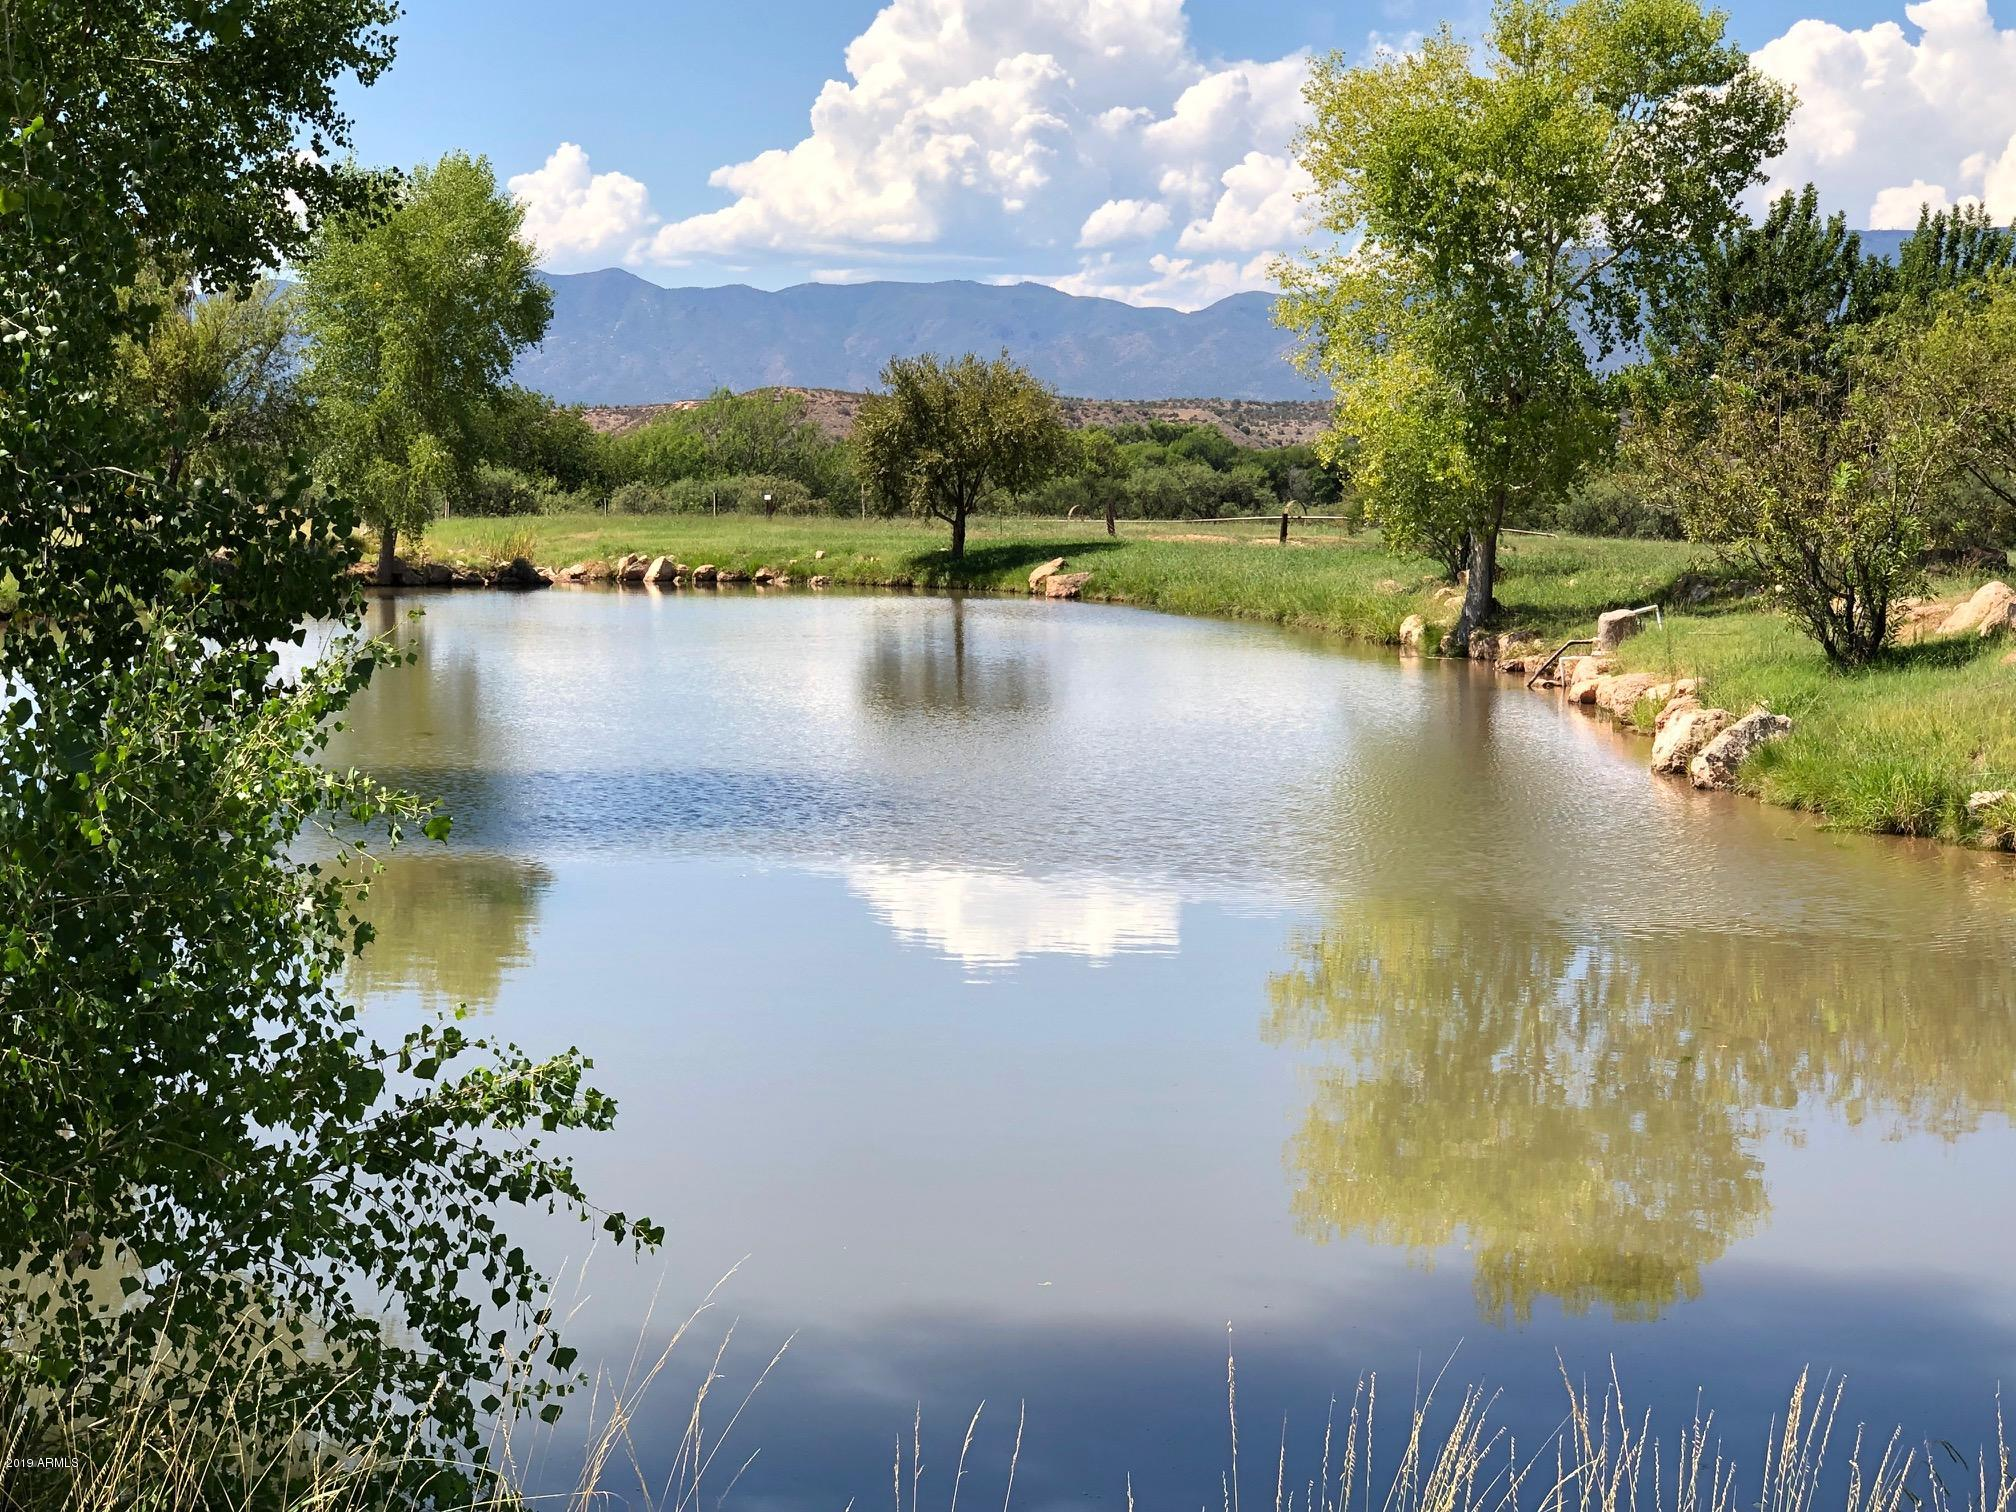 260 S BONITO RANCH Loop # F, Cornville, AZ 86325, ,Land,For Sale,260 S BONITO RANCH Loop # F,5982857